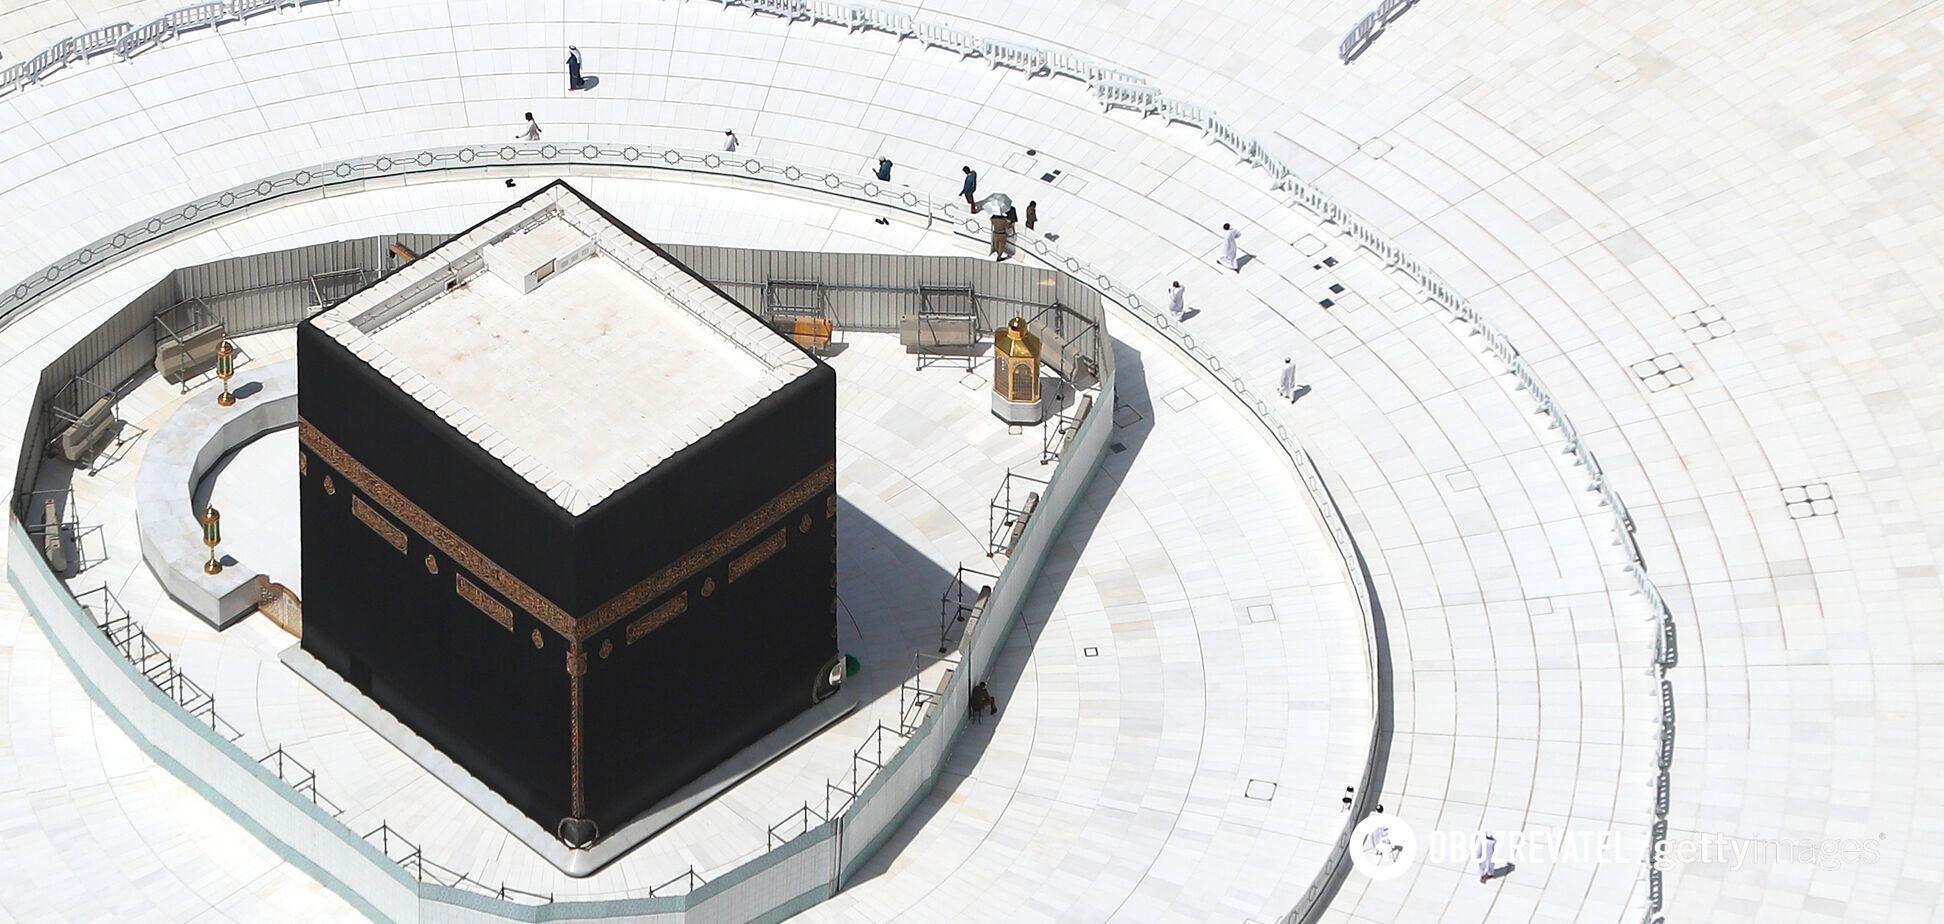 Іноземні паломники не зможуть потрапити в Мекку і Медину